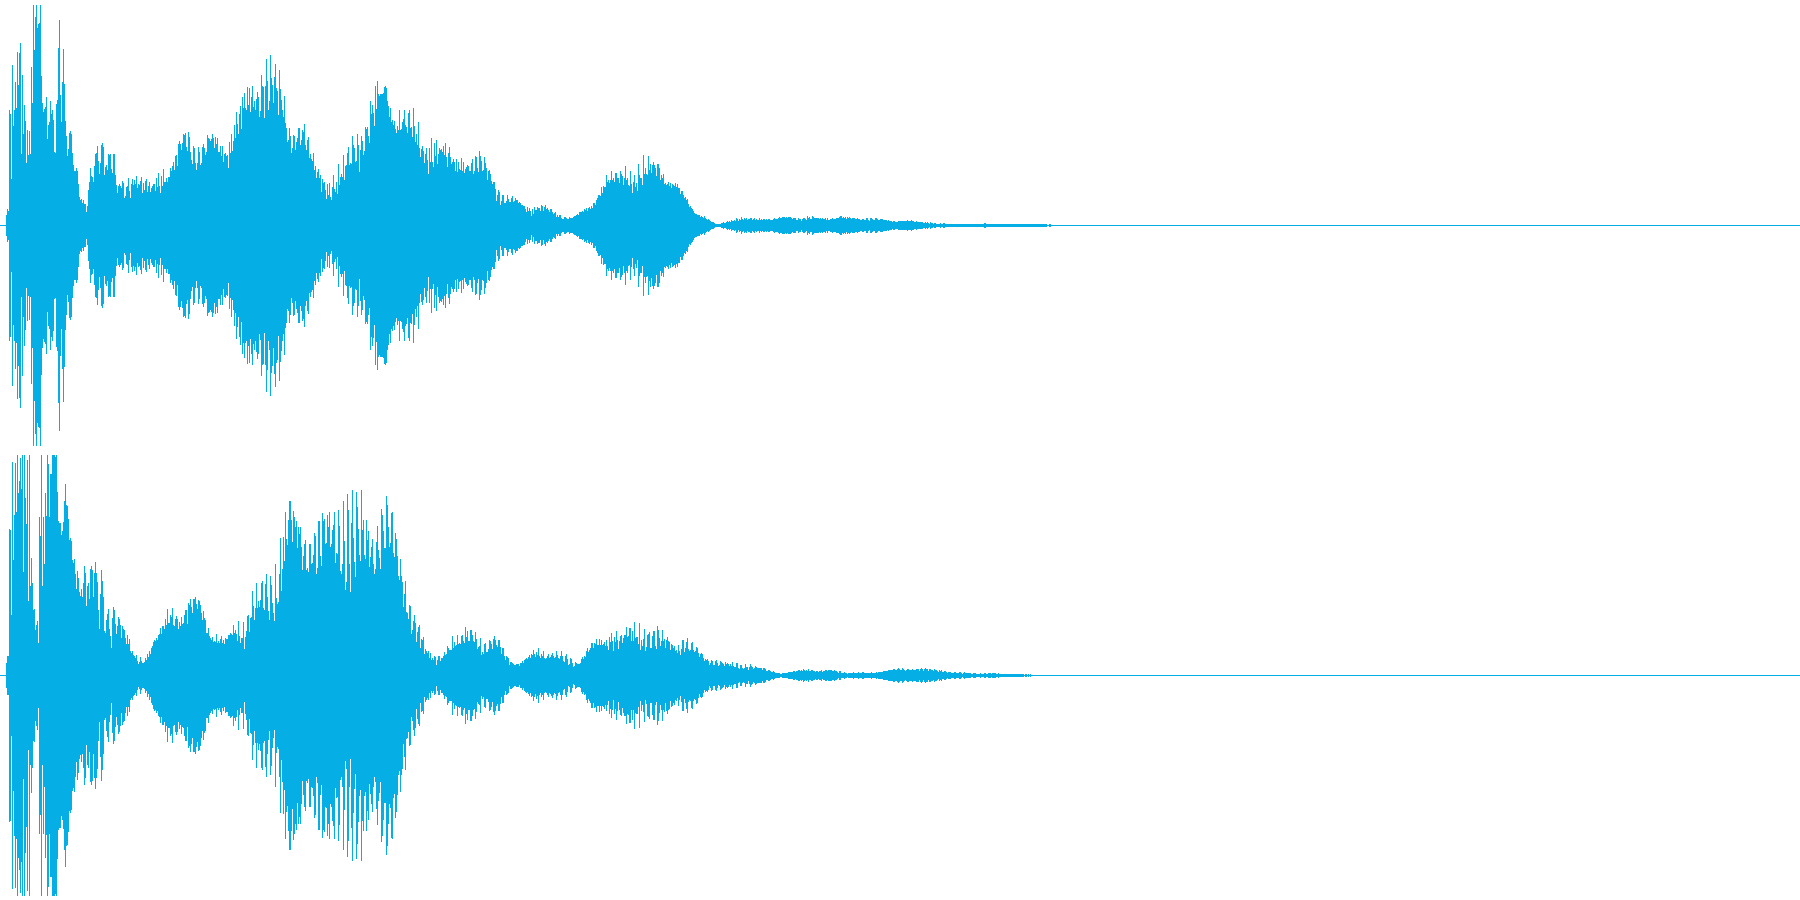 「シールド」SF/シールド起動_002の再生済みの波形